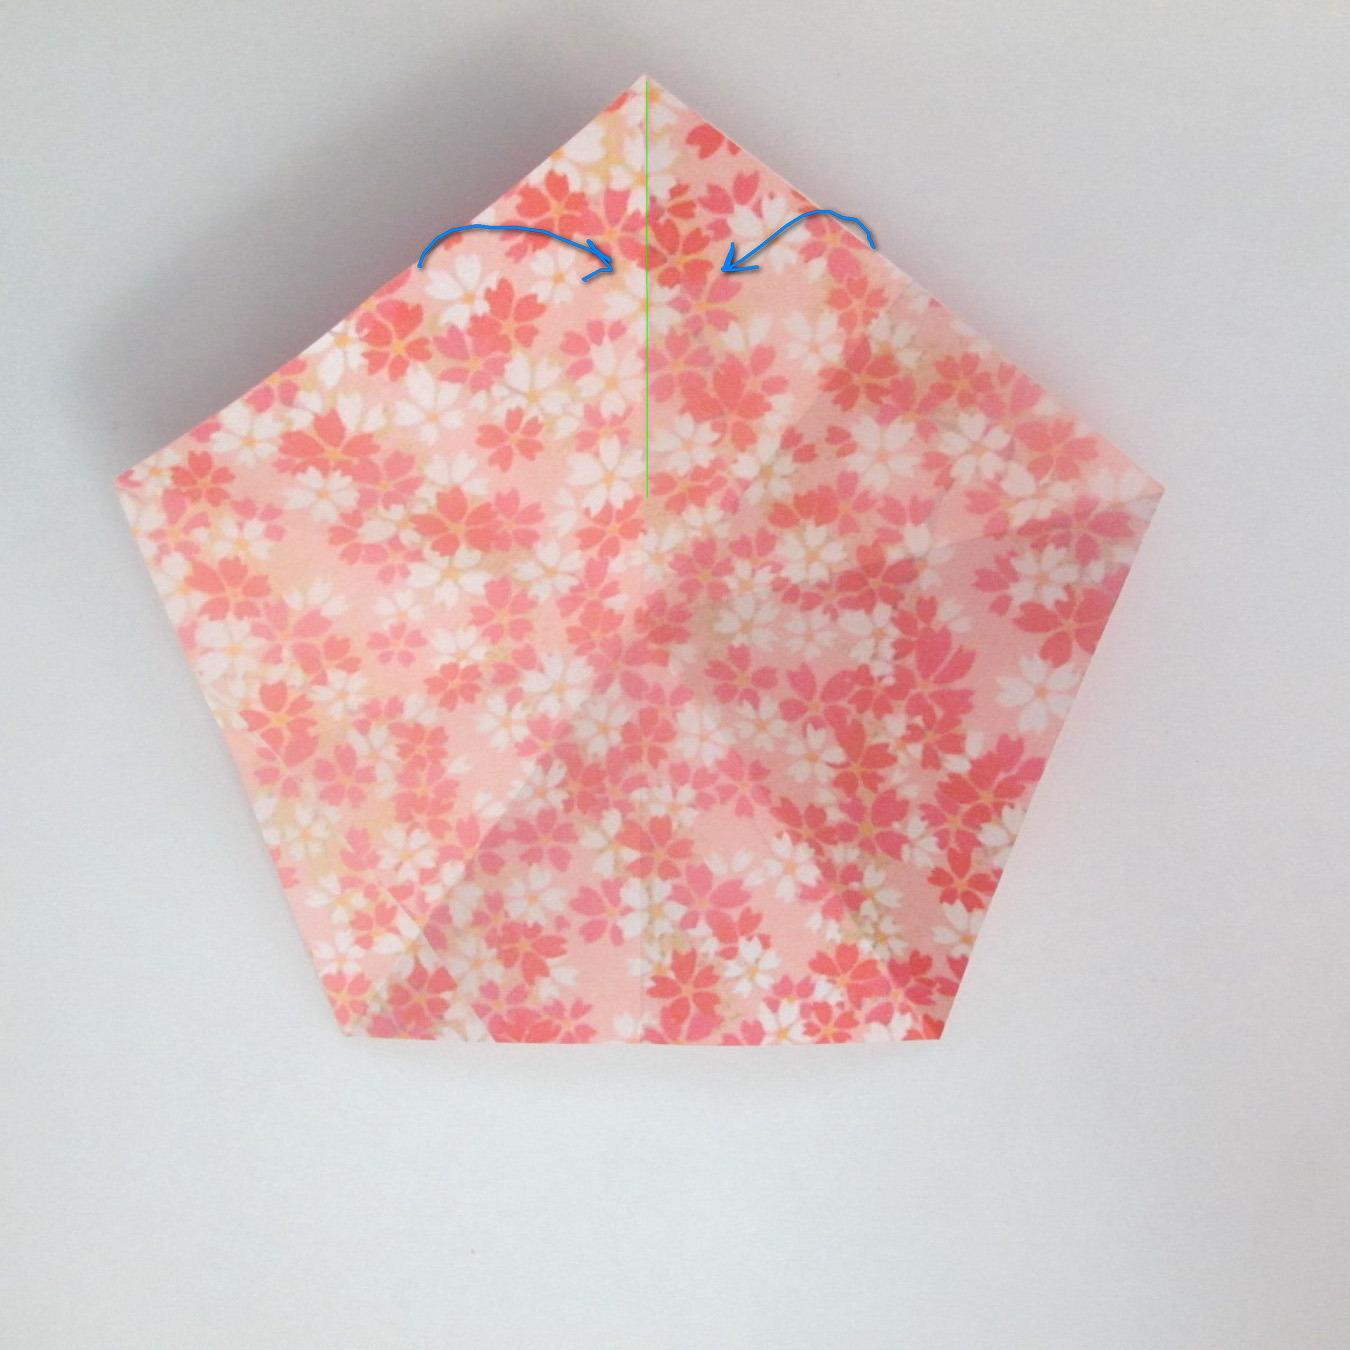 สอนวิธีการพับกระดาษเป็นดอกมะเฟือง (Origami Carambola) 006